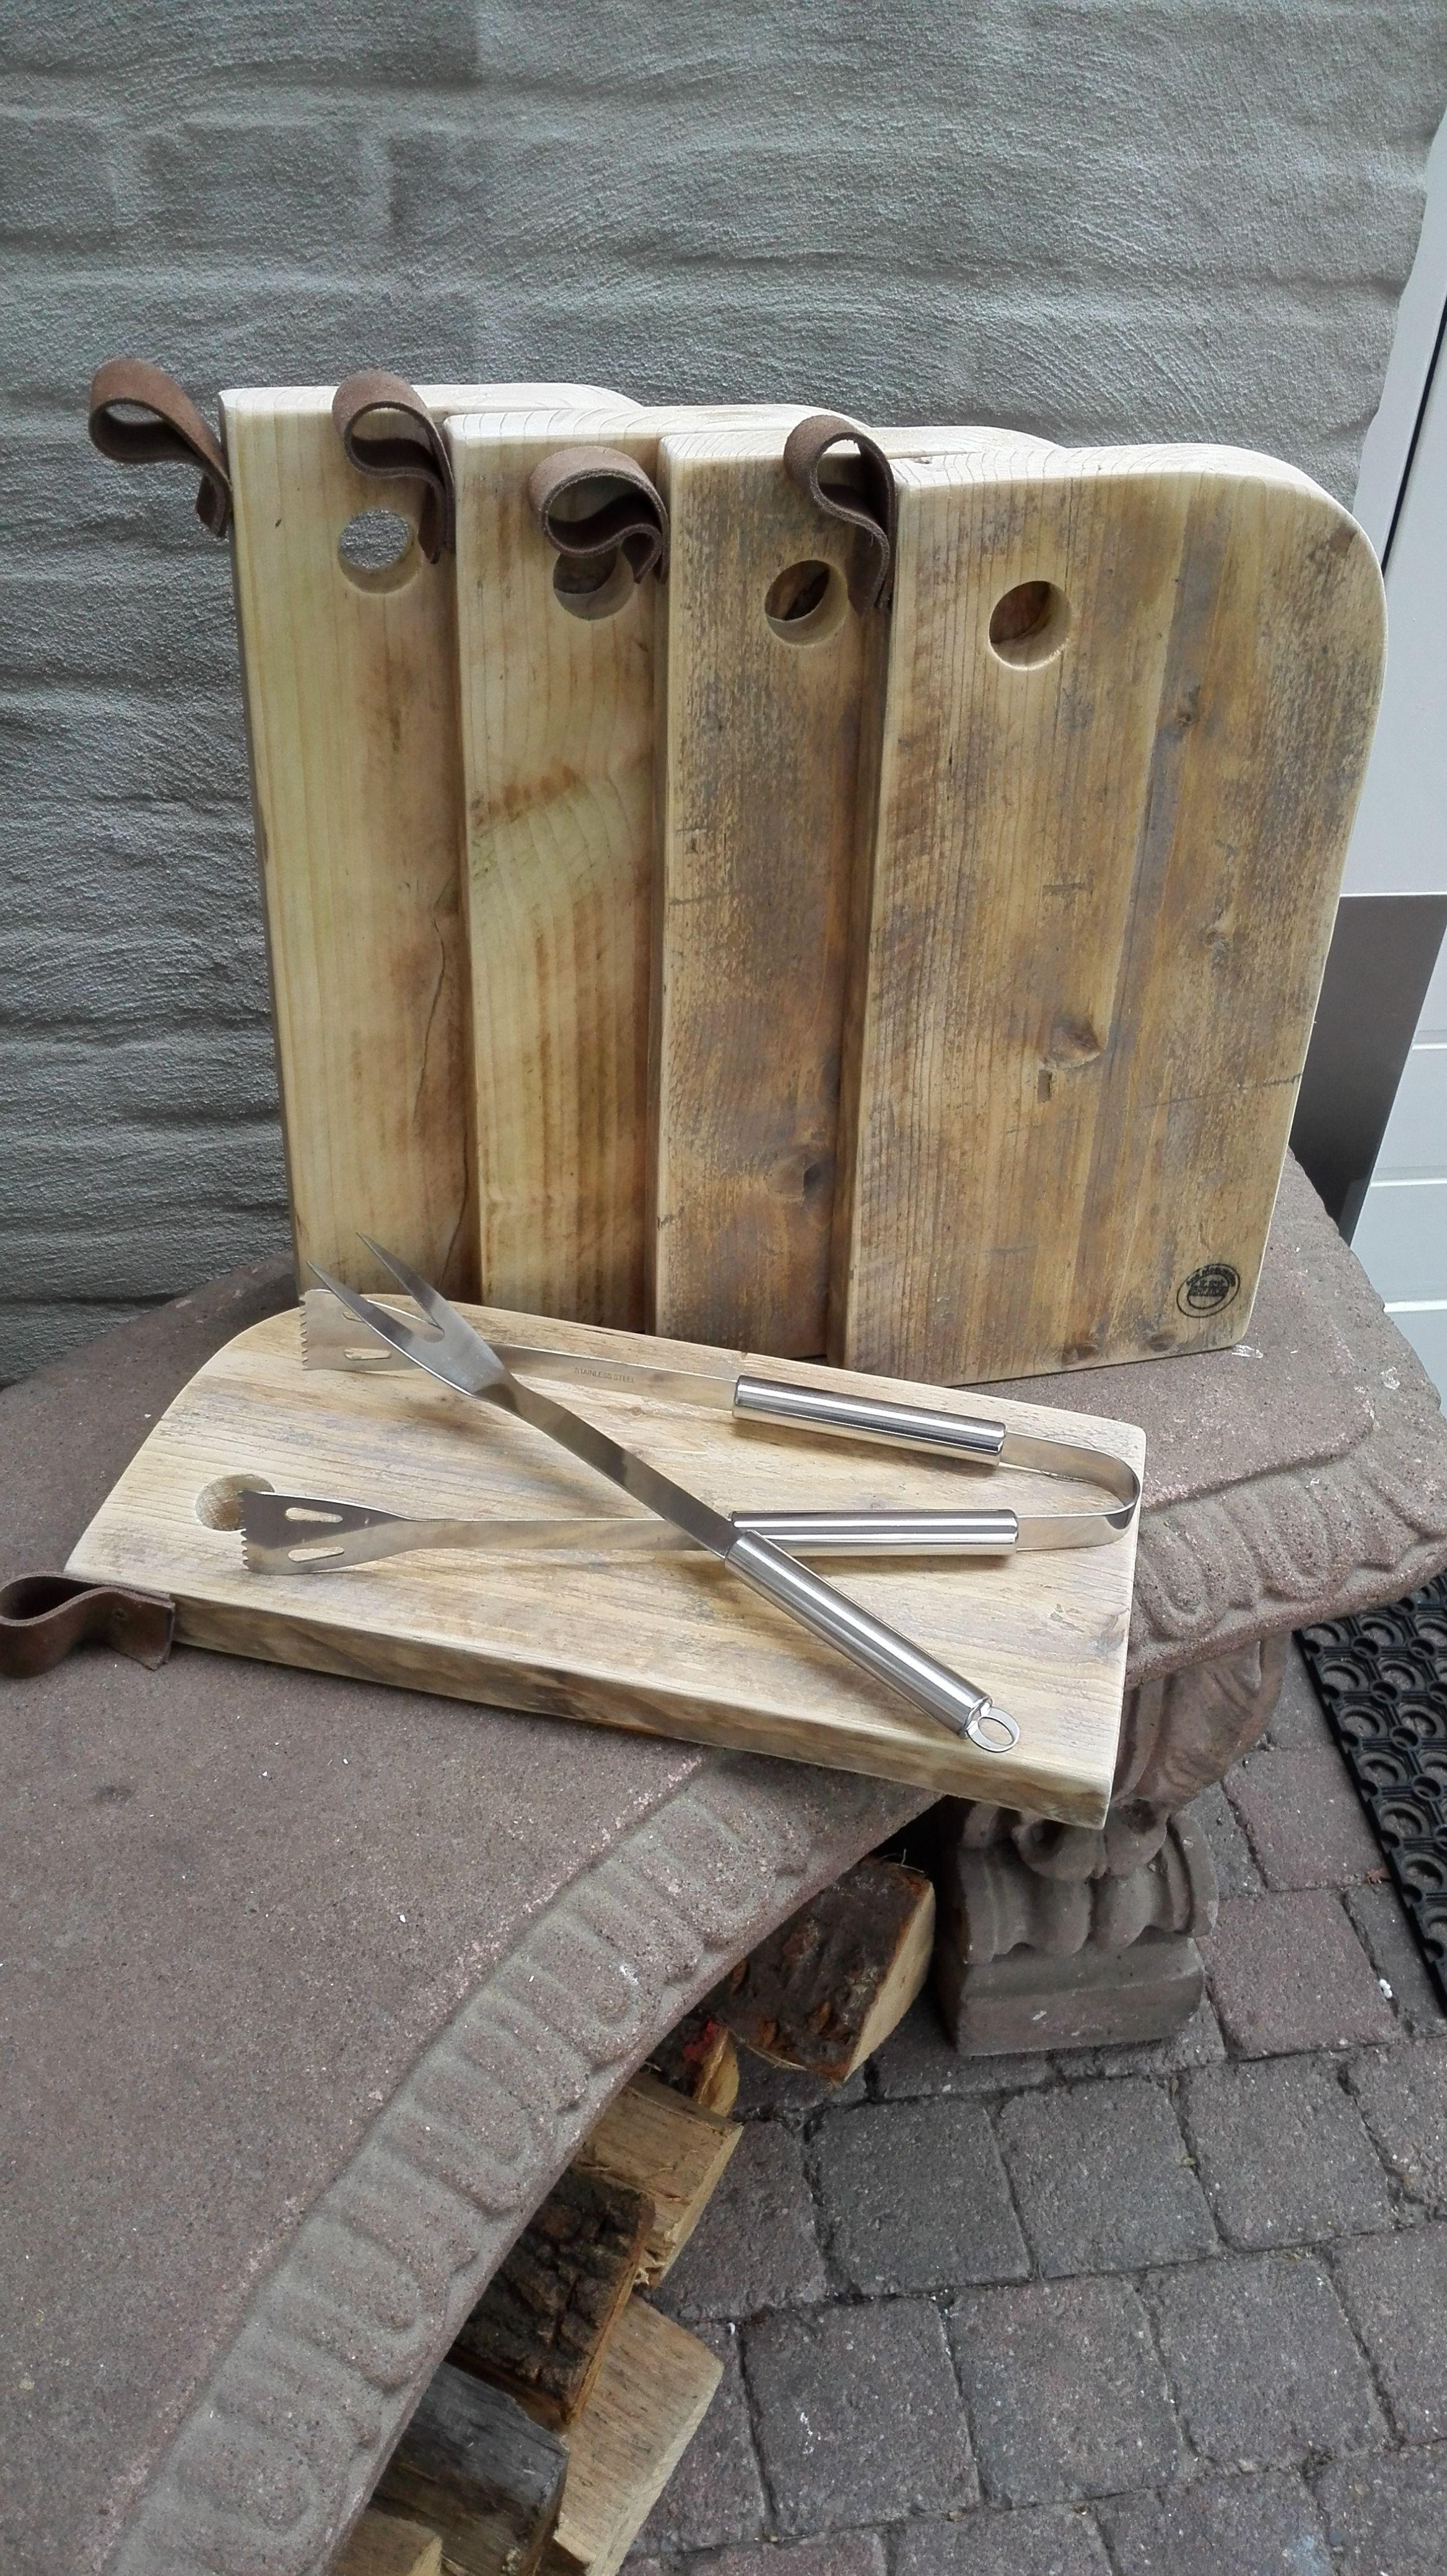 Hapjesplank bbq steigerhout idee n voor het huis pinterest voor het huis en idee n - Deco halloween tafel maak me ...